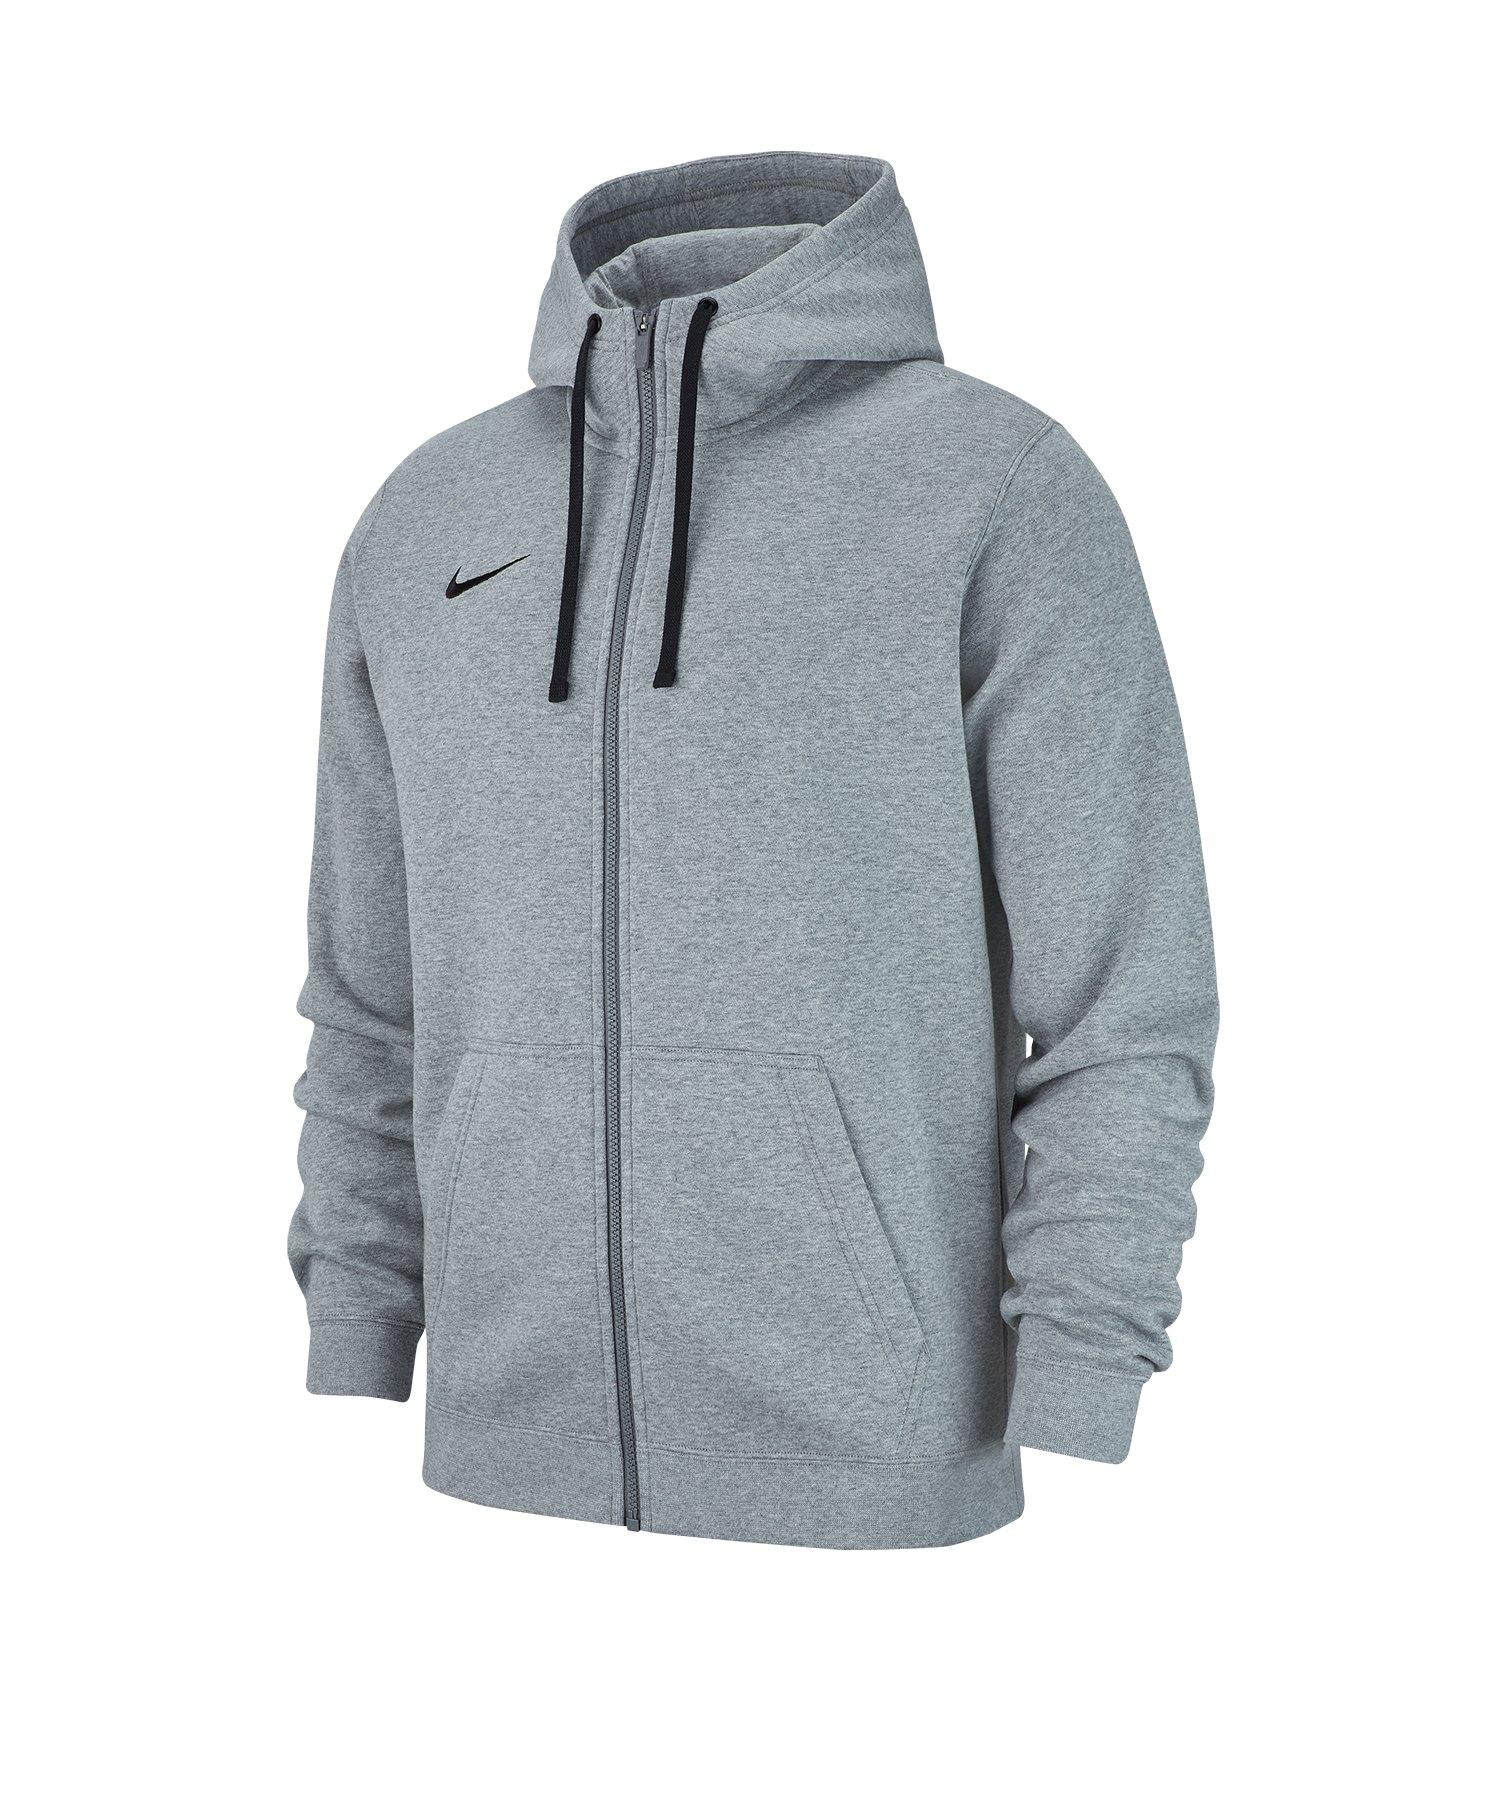 Nike Club 19 Fleece Kapuzenjacke Grau F063 - grau